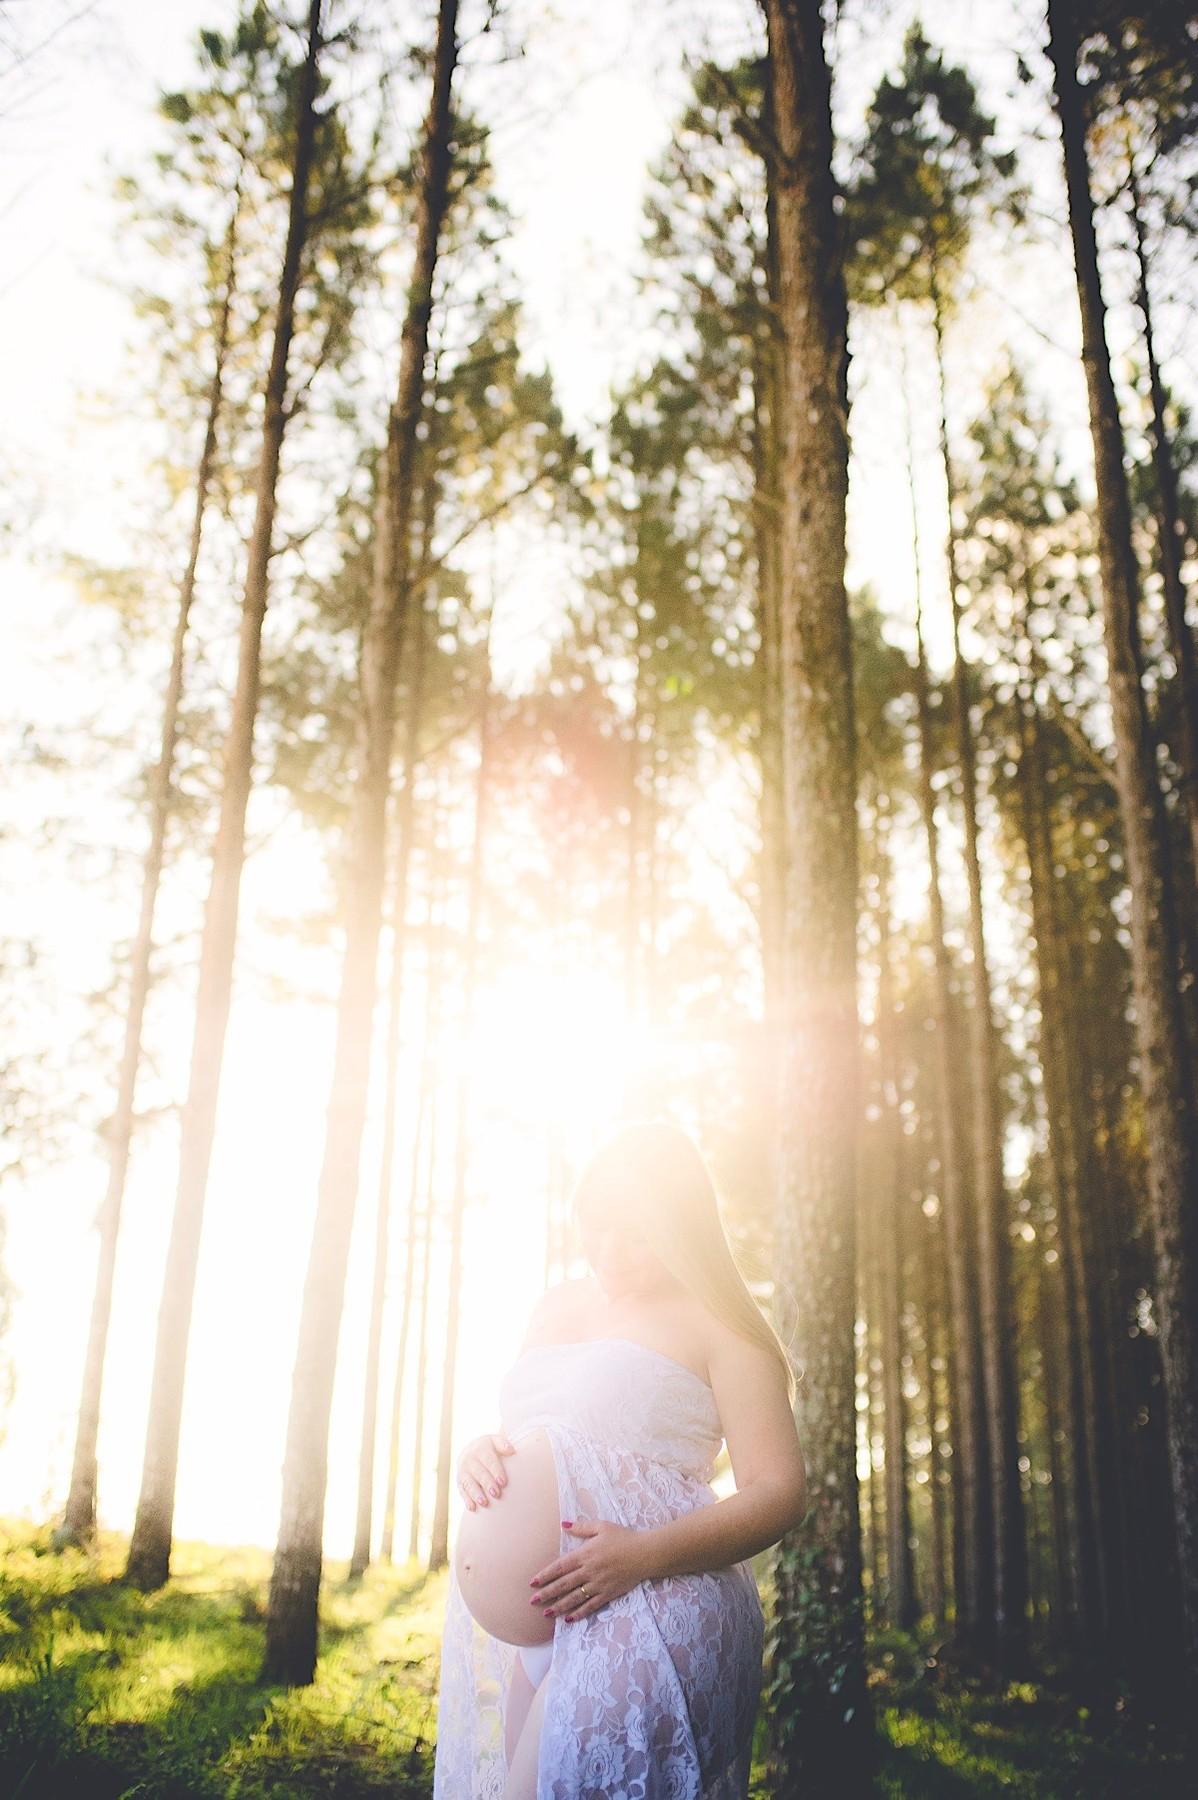 ensaio gestante - book gestante - são bento do sul - fotógrafo são bento do sul - chroma fotografia - pôr do sol